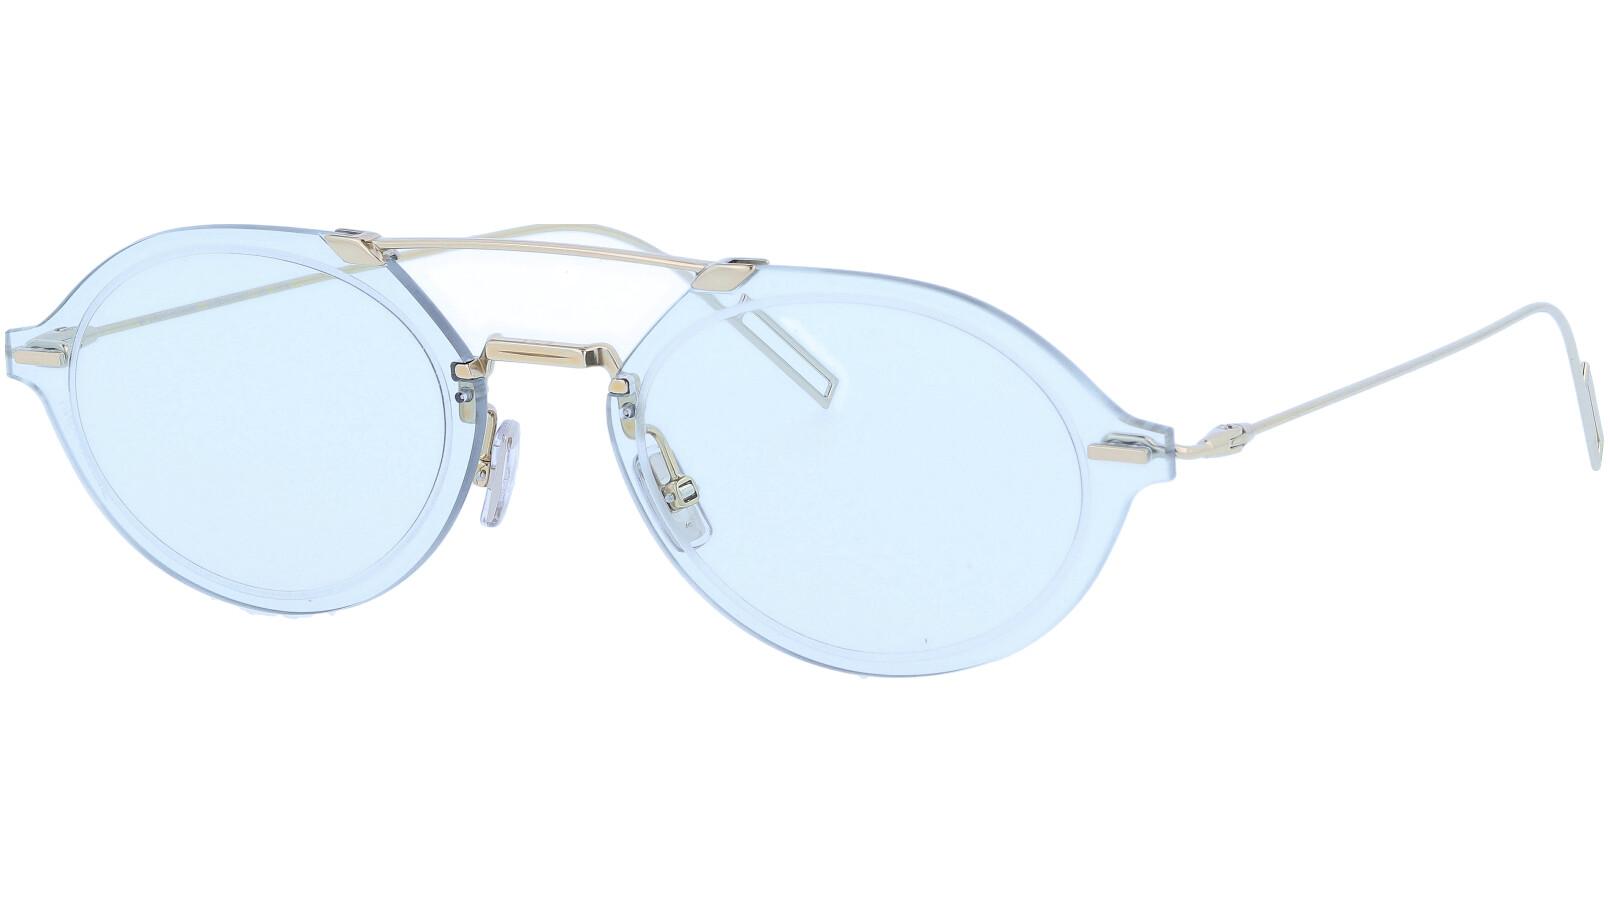 DIOR DIORCHROMA3 3YGA9 54 LIGHT Sunglasses